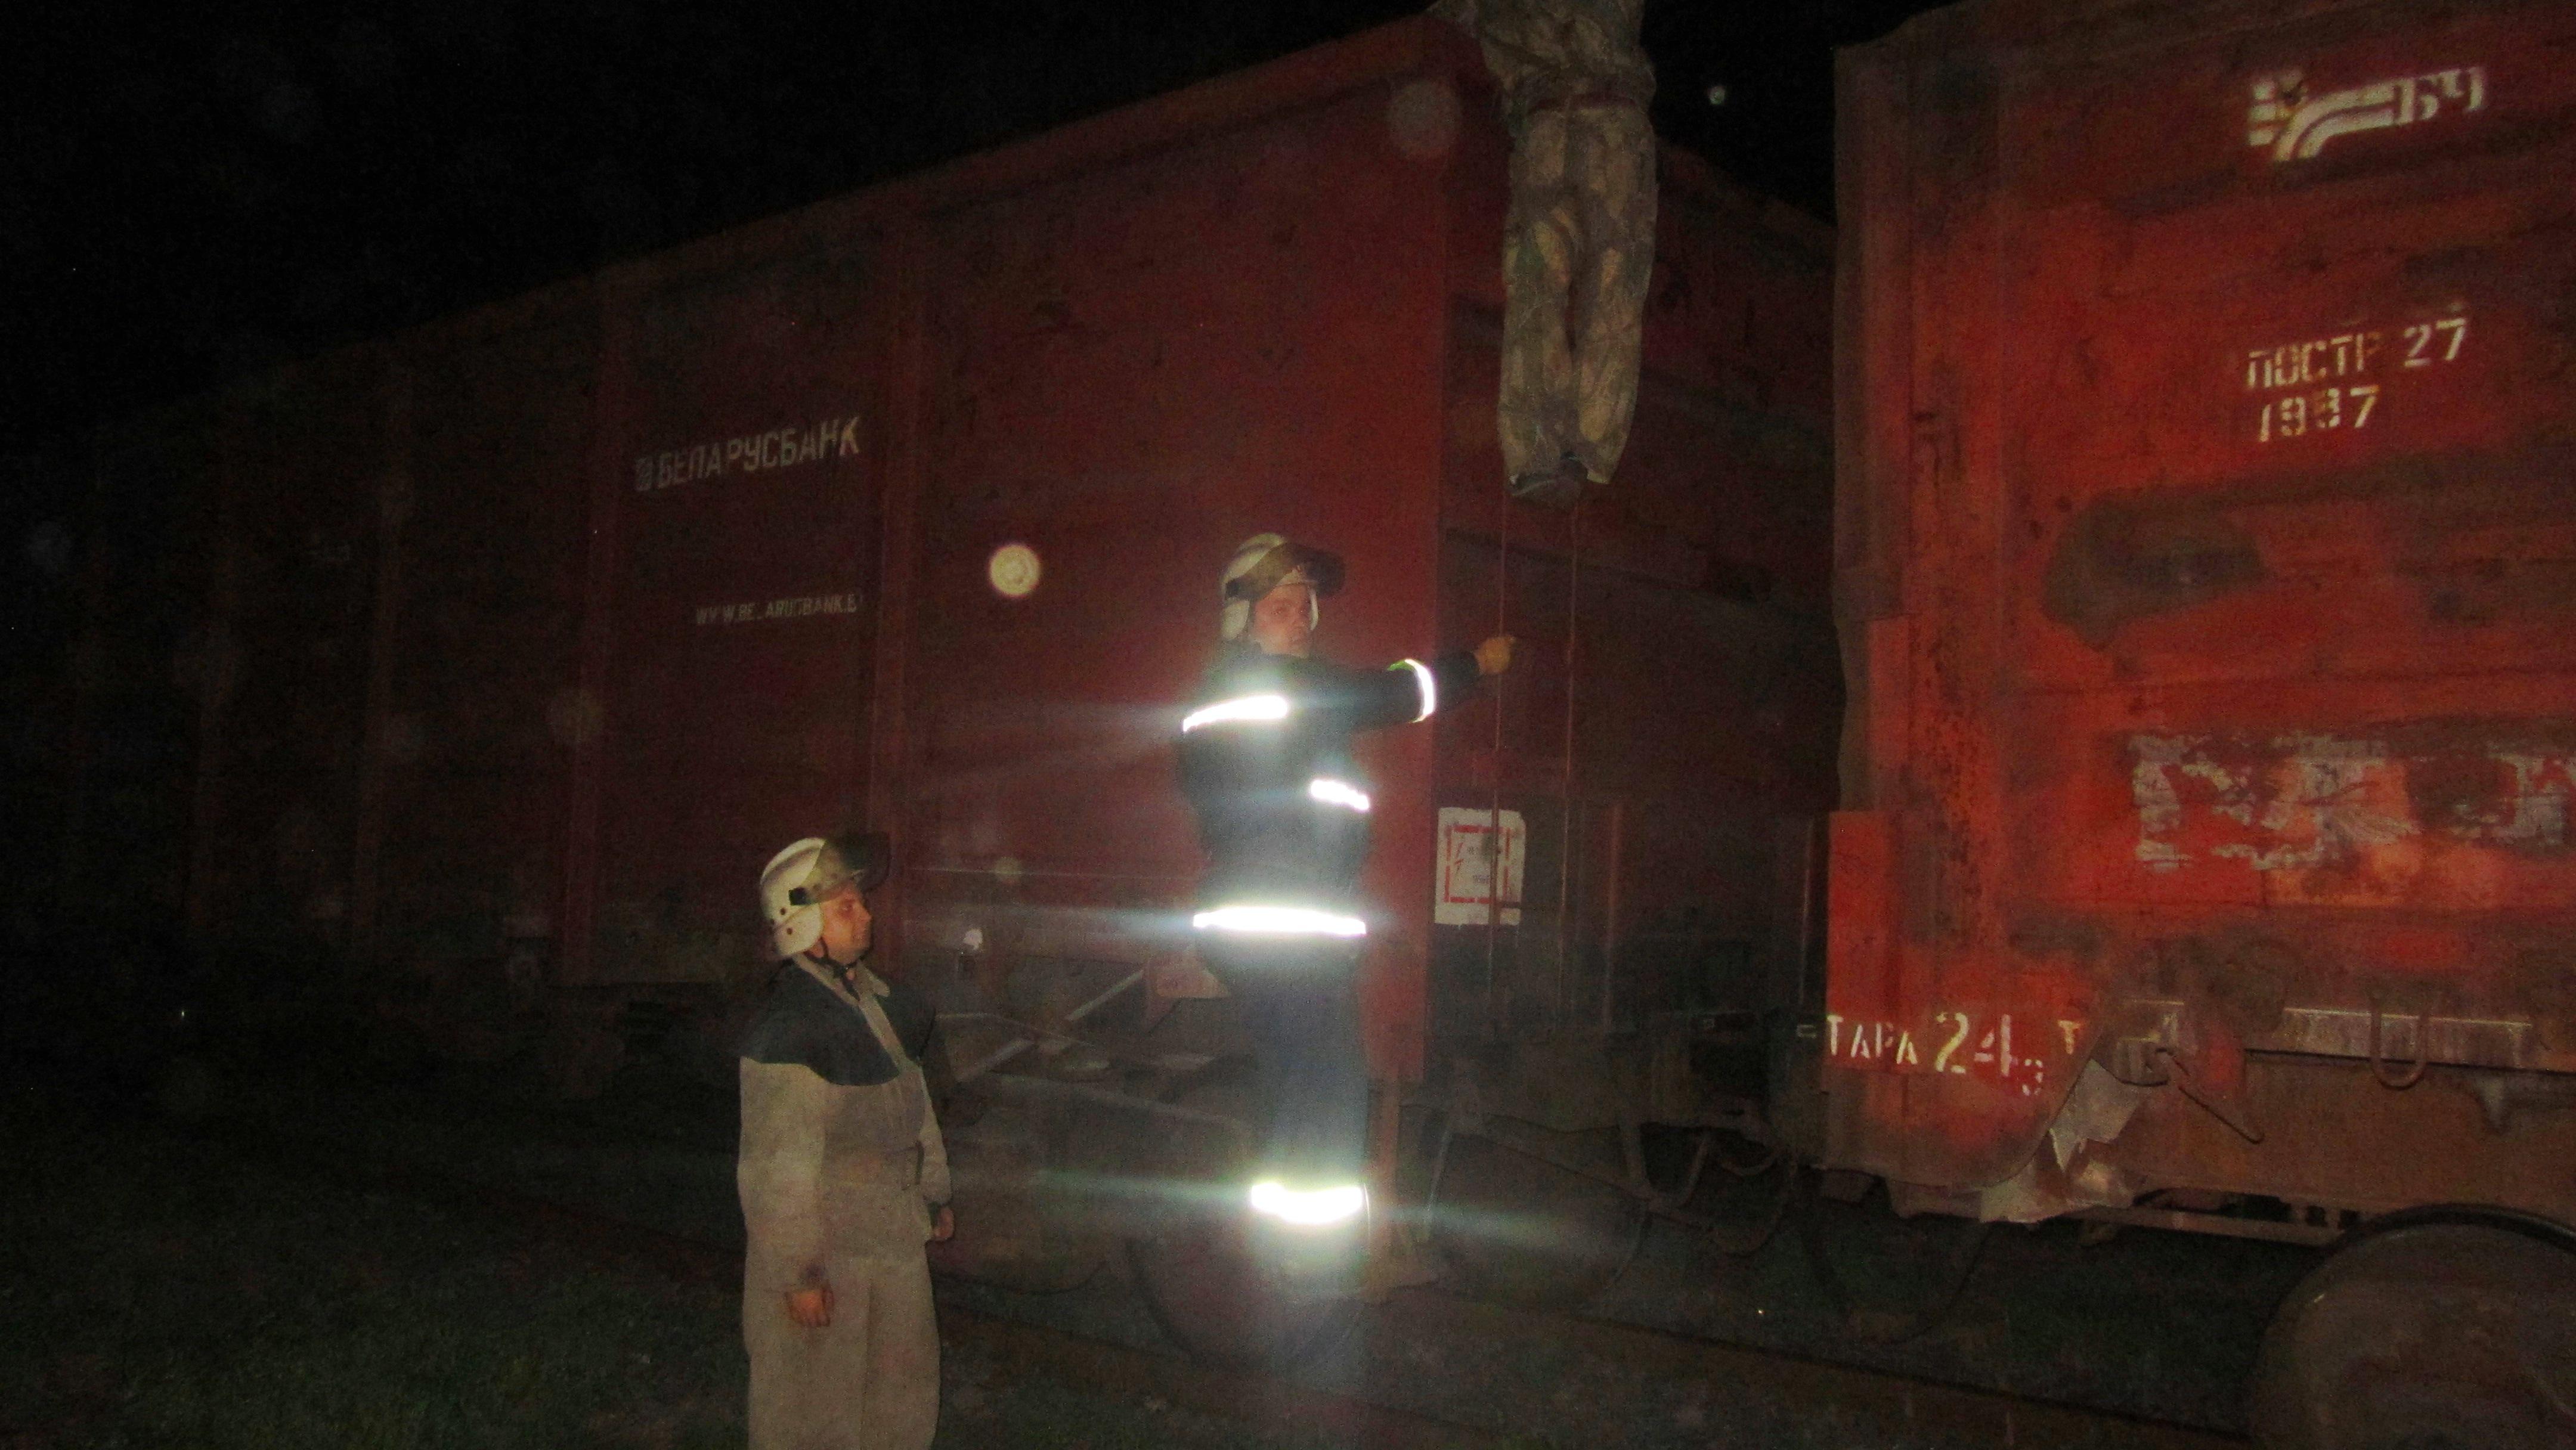 ВКиевской области впериод движения произошел пожар вгрузовых вагонах